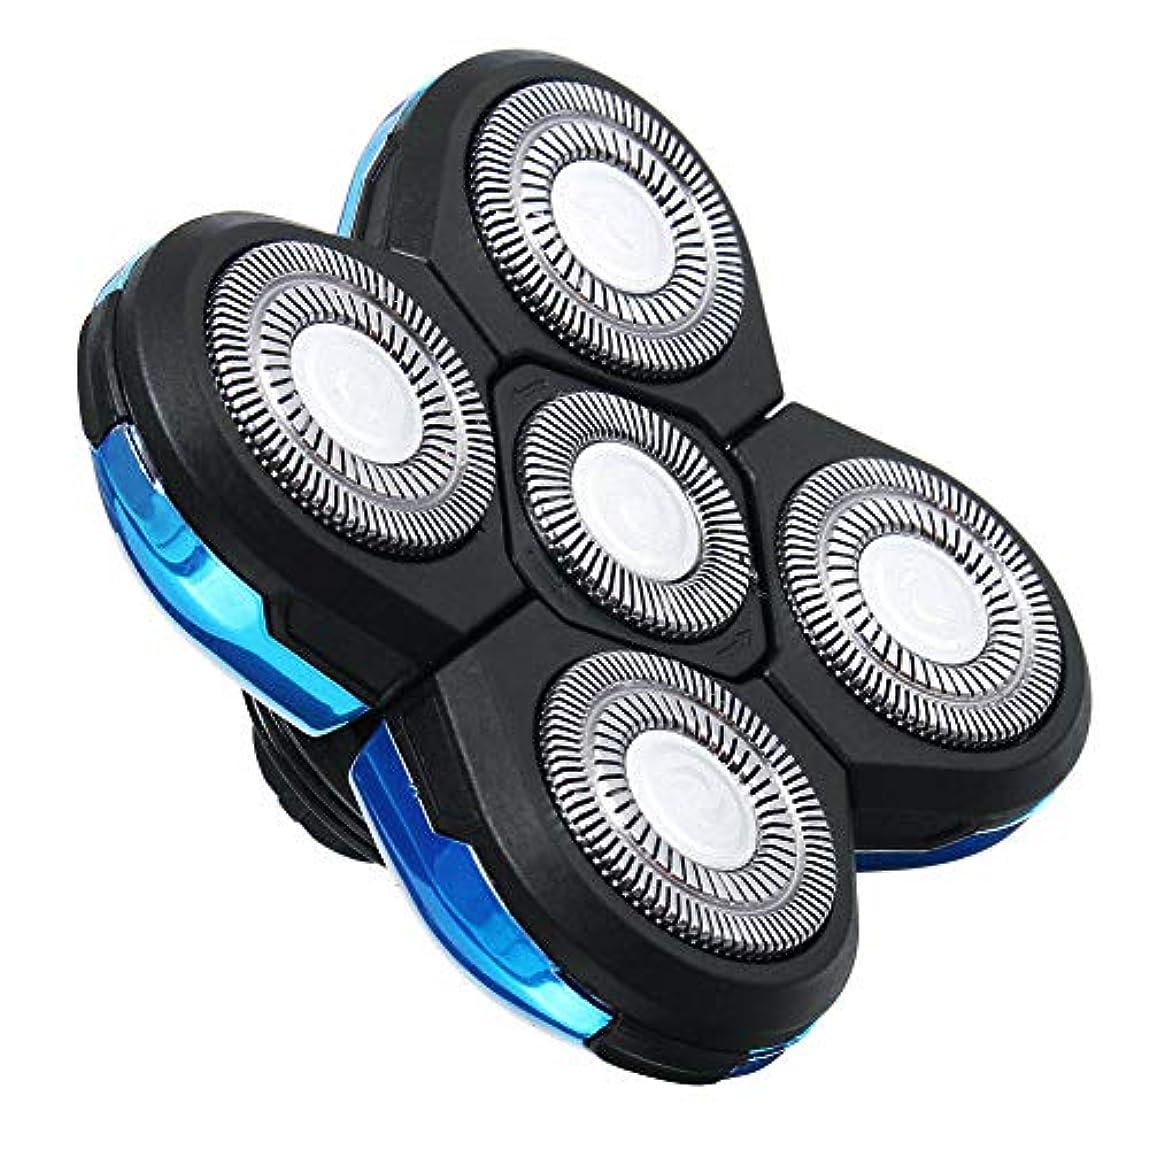 呼吸するバリアラショナルシェーバー5 s電気かみそり高速ひげカッター交換耐久性のあるヘアトリマーダブルリング簡単インストールフローティング実用シェービングブレードユニバーサル(ブルー)